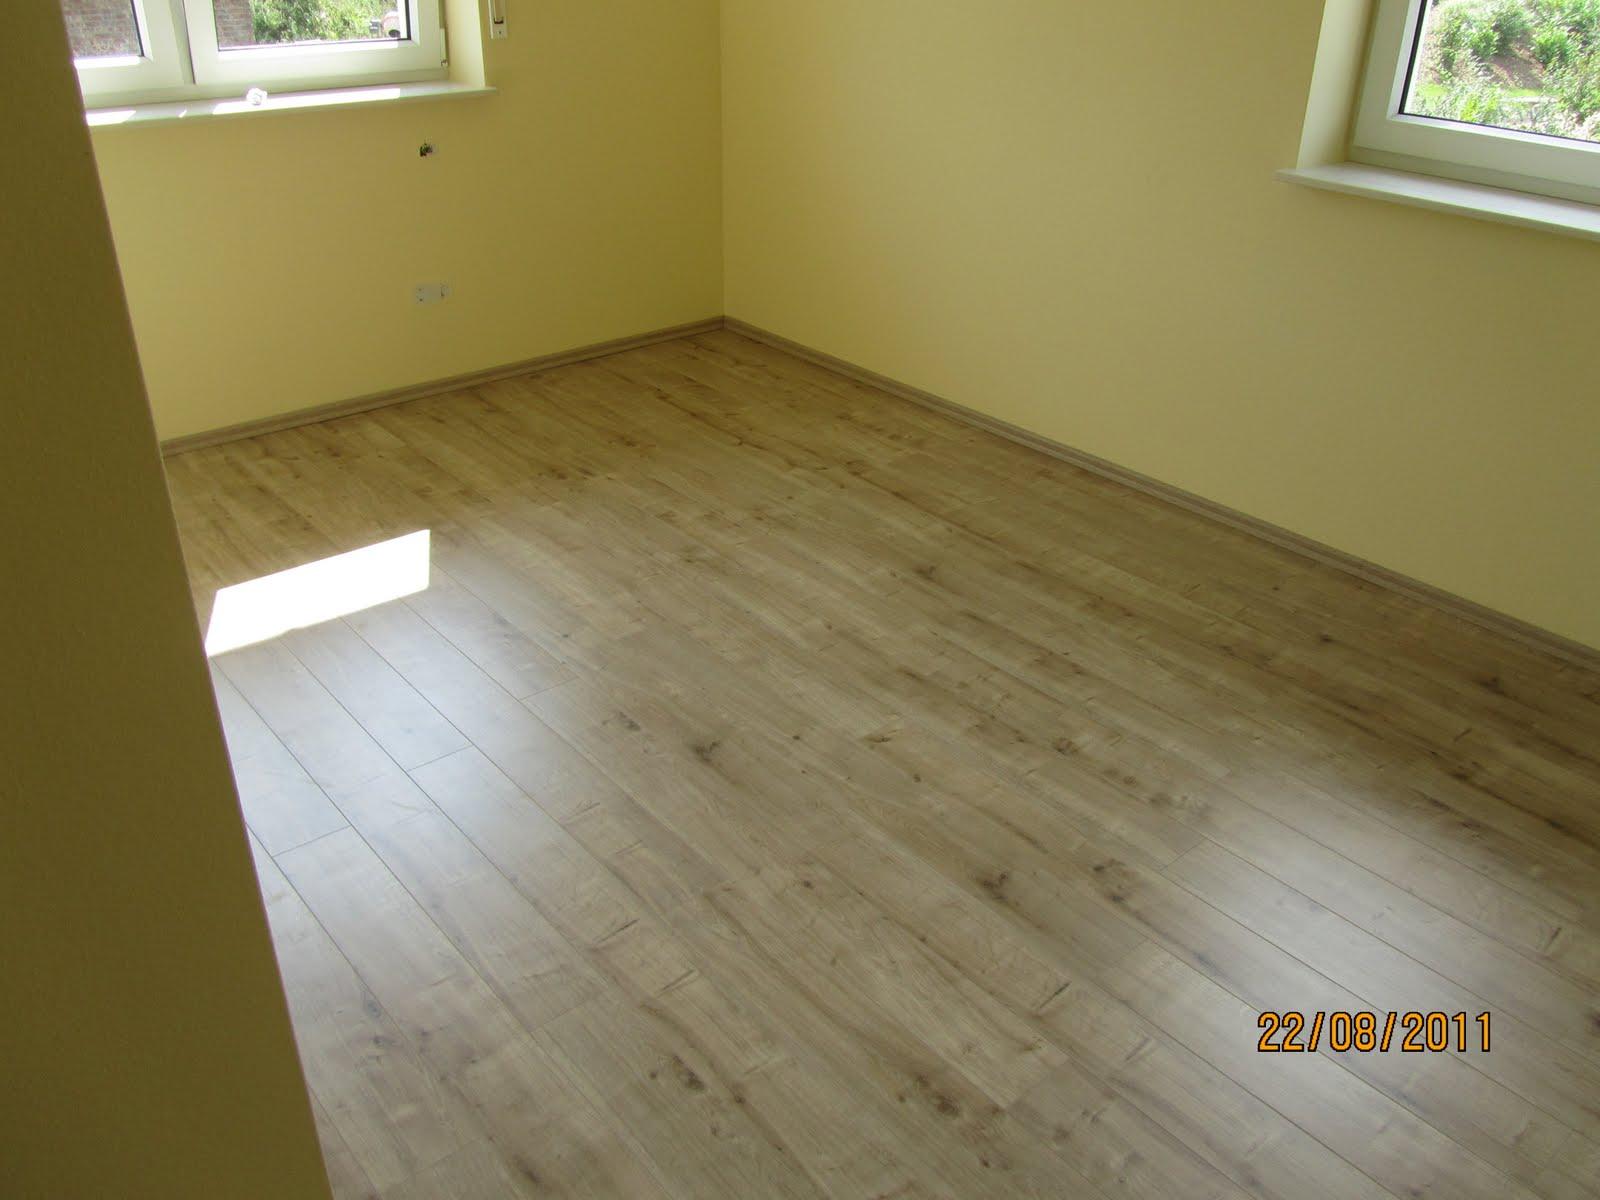 hemmes bauen ein haus laminat k che und haust ren. Black Bedroom Furniture Sets. Home Design Ideas